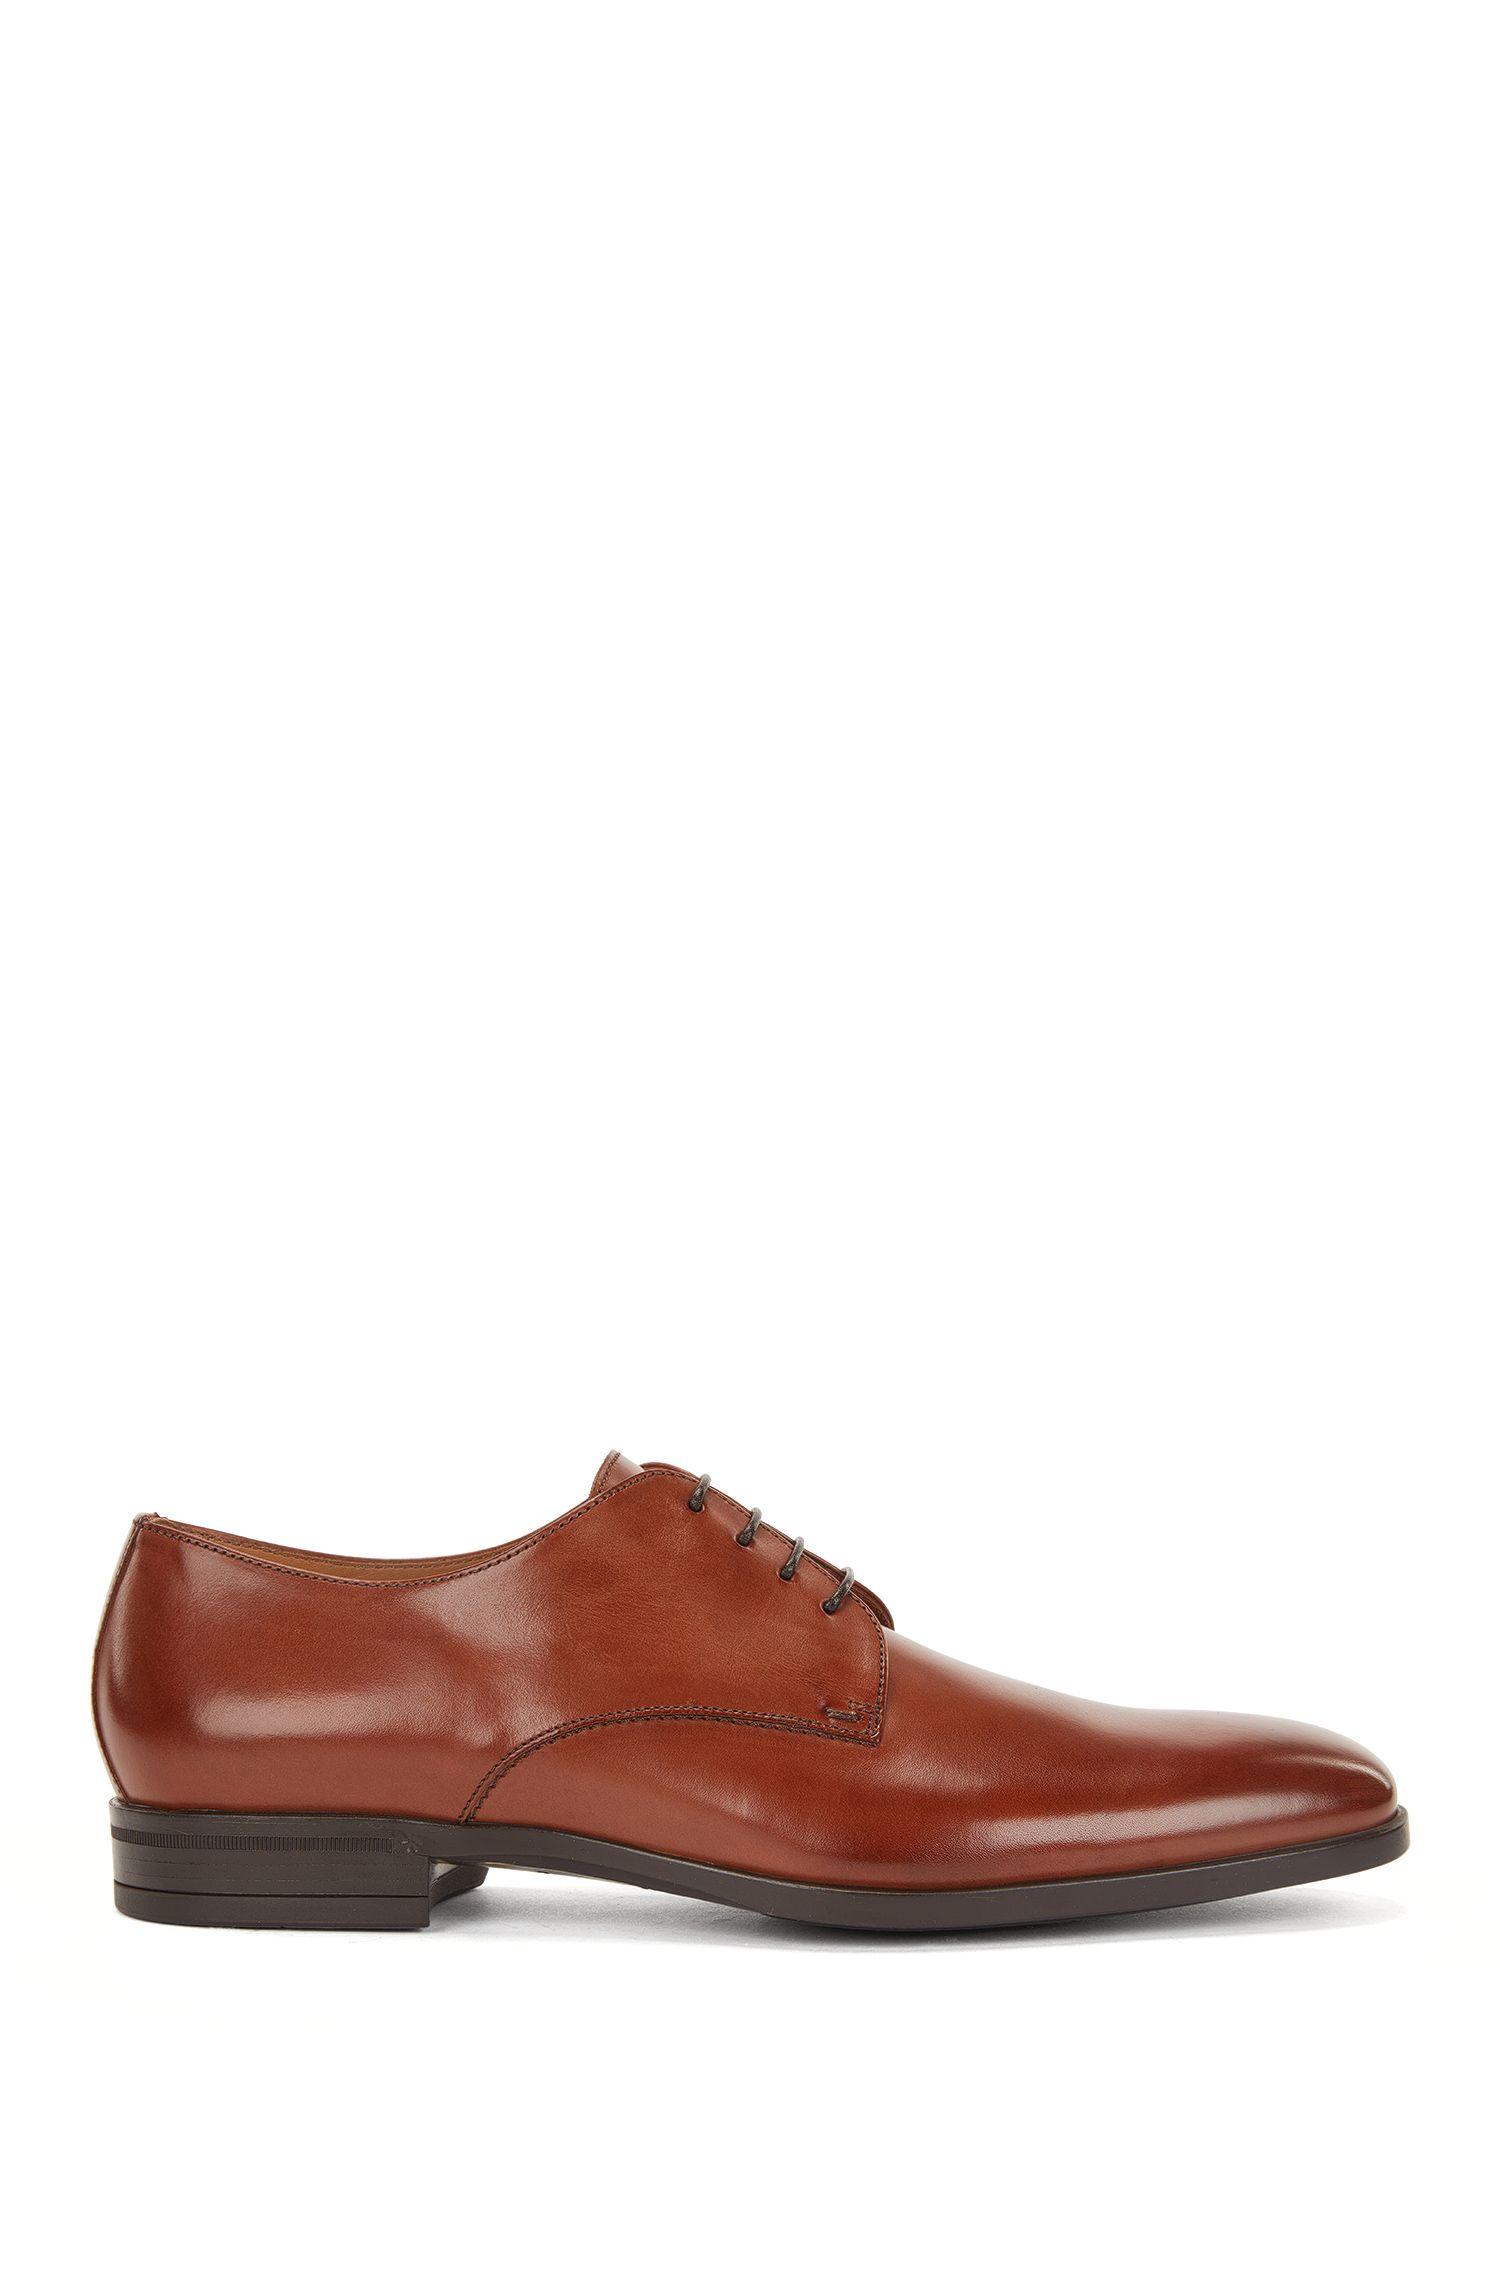 Zapatos Derby en piel pulida, Marrón